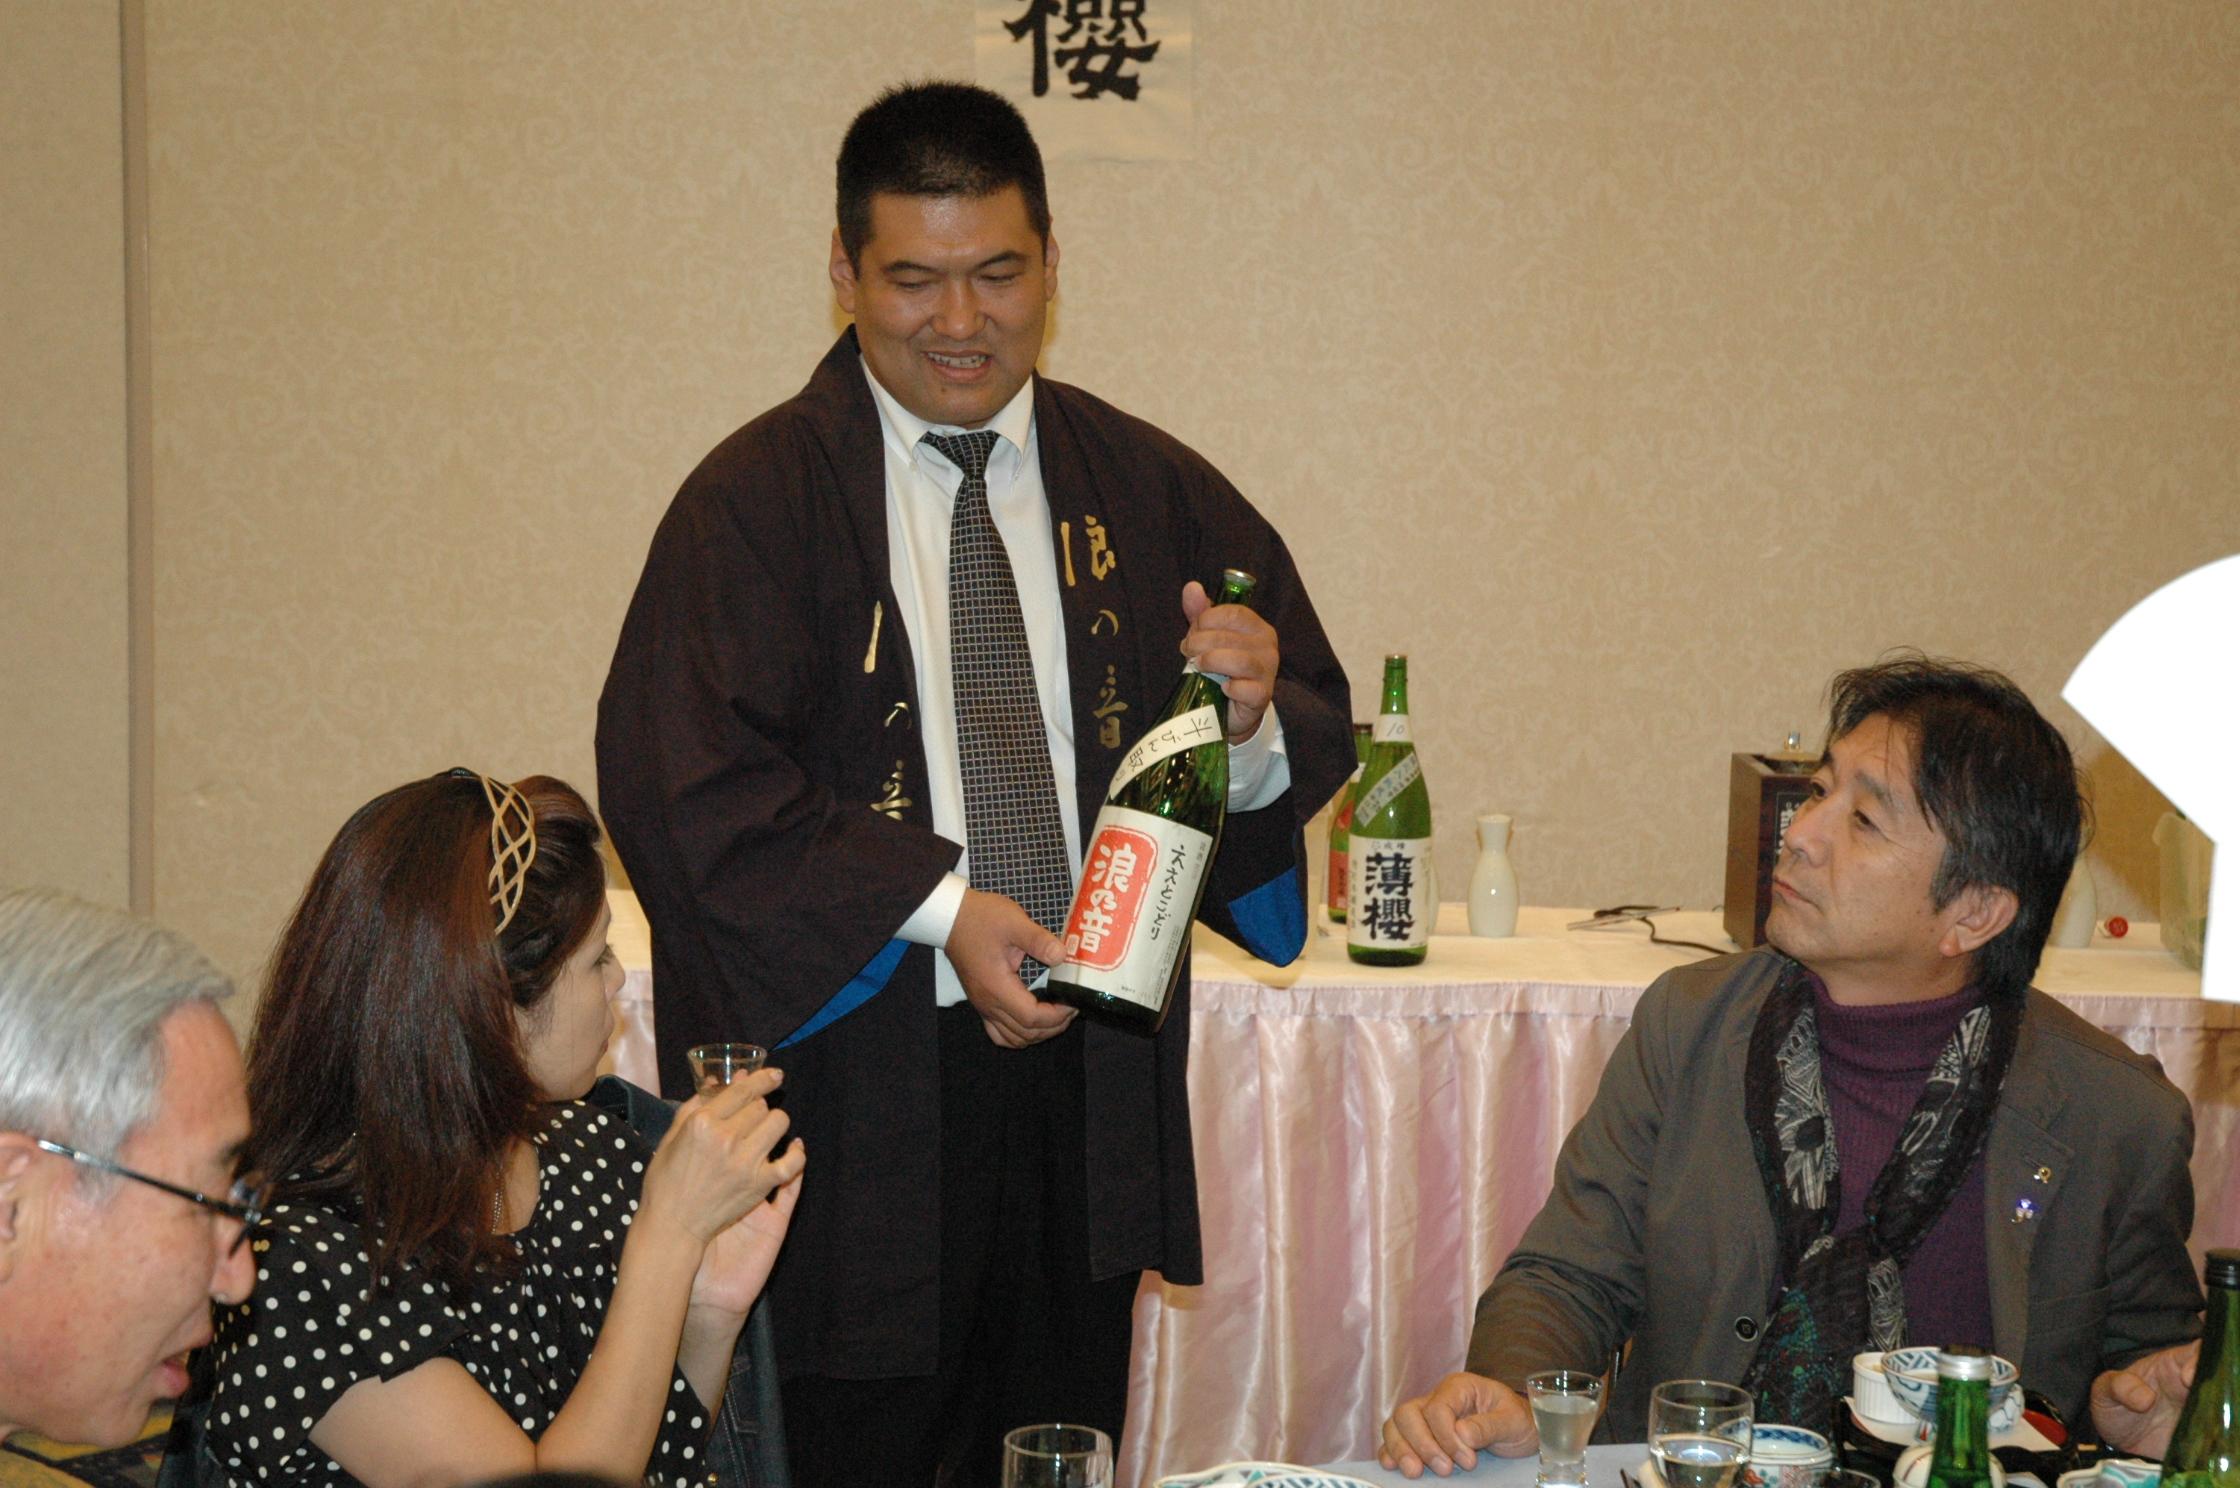 第5回滋賀地酒祭り2013